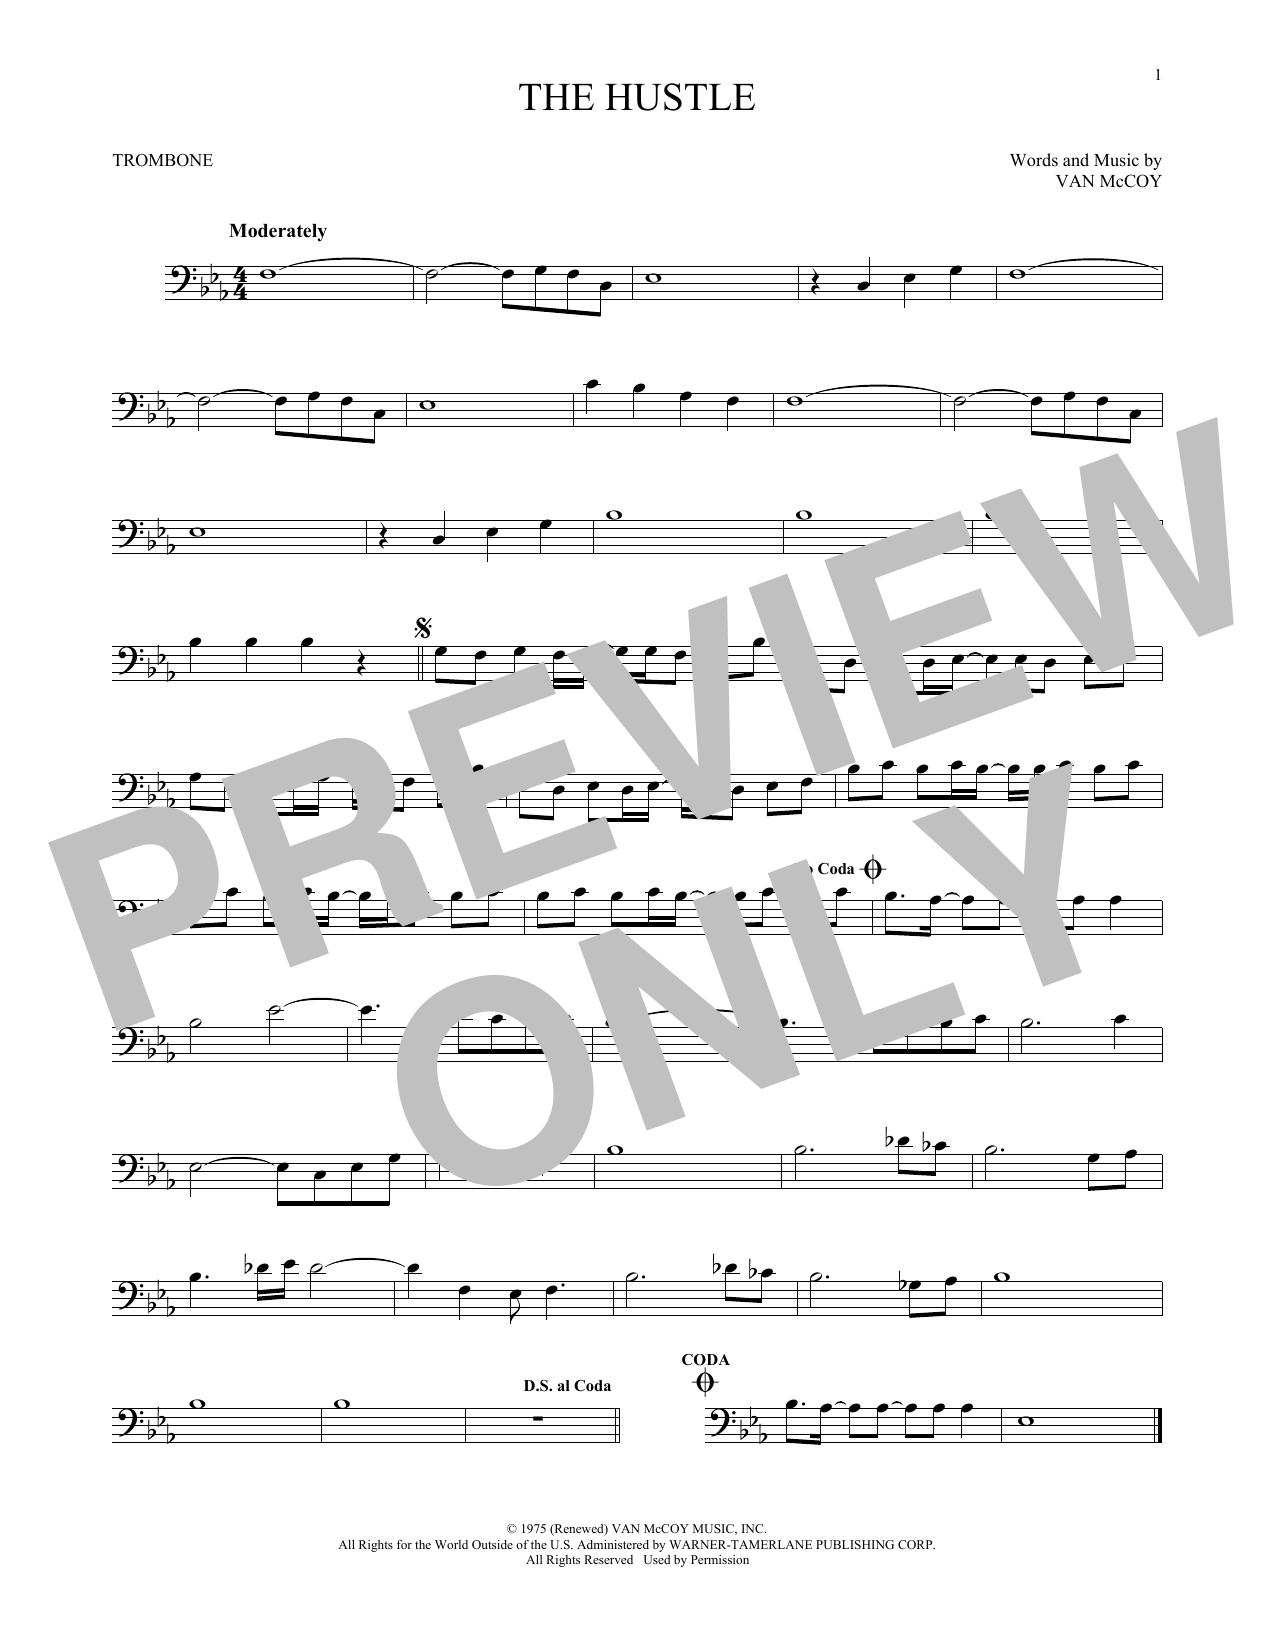 The Hustle (Trombone Solo)